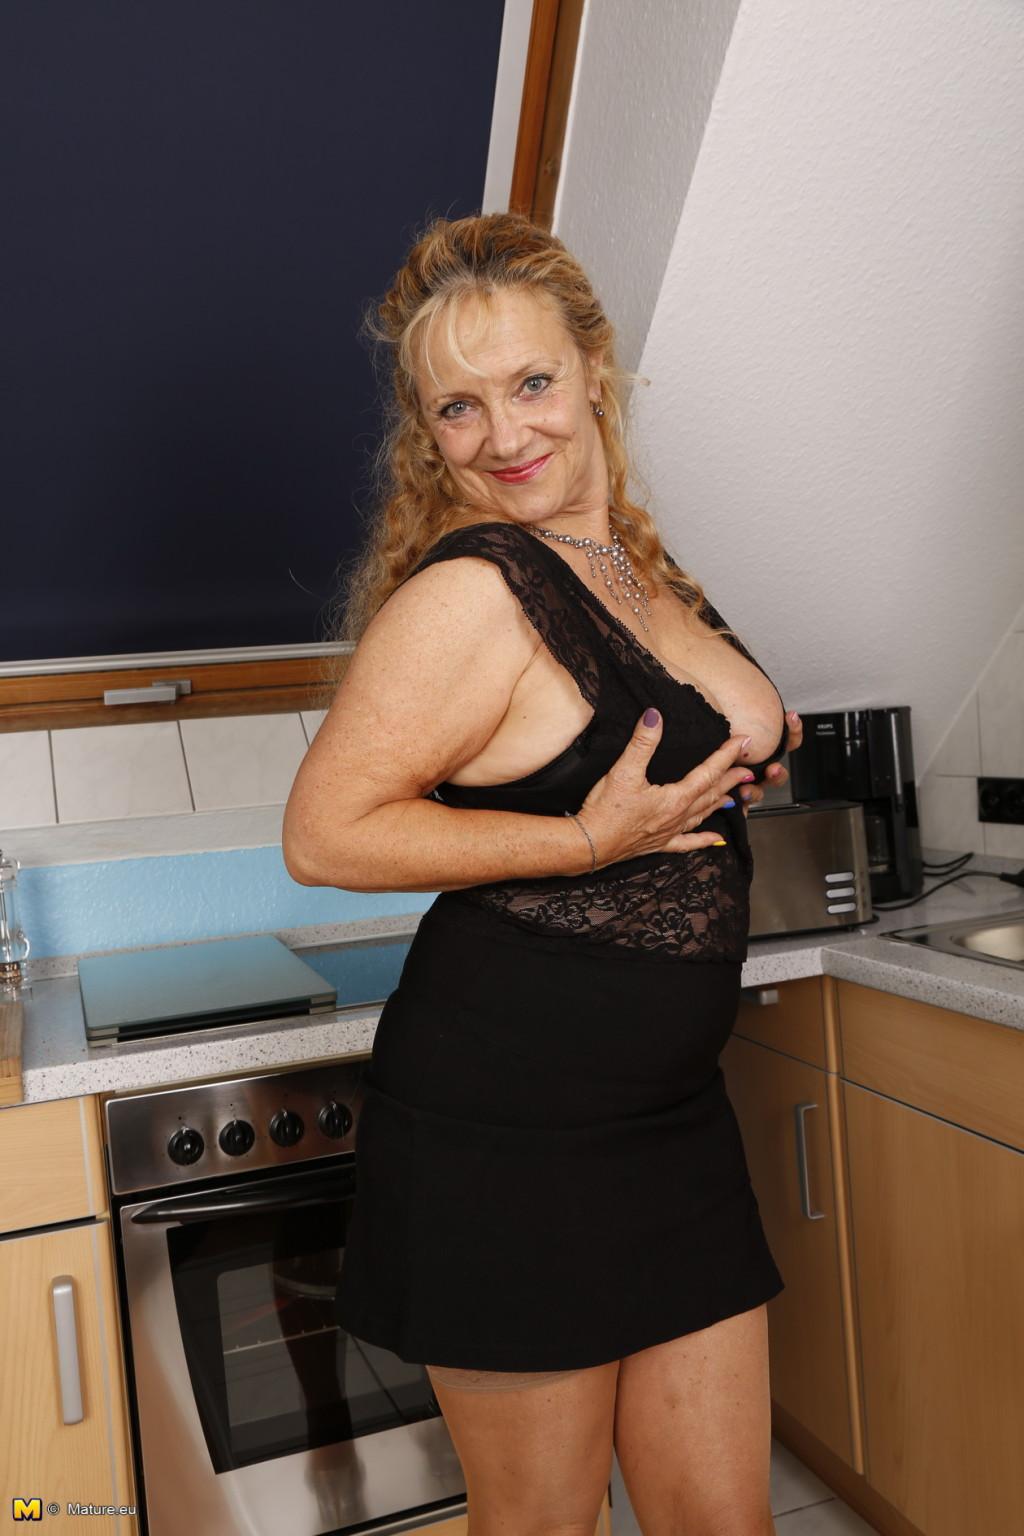 Опытная старушка в коричневых чулочках светит своей висящей грудью